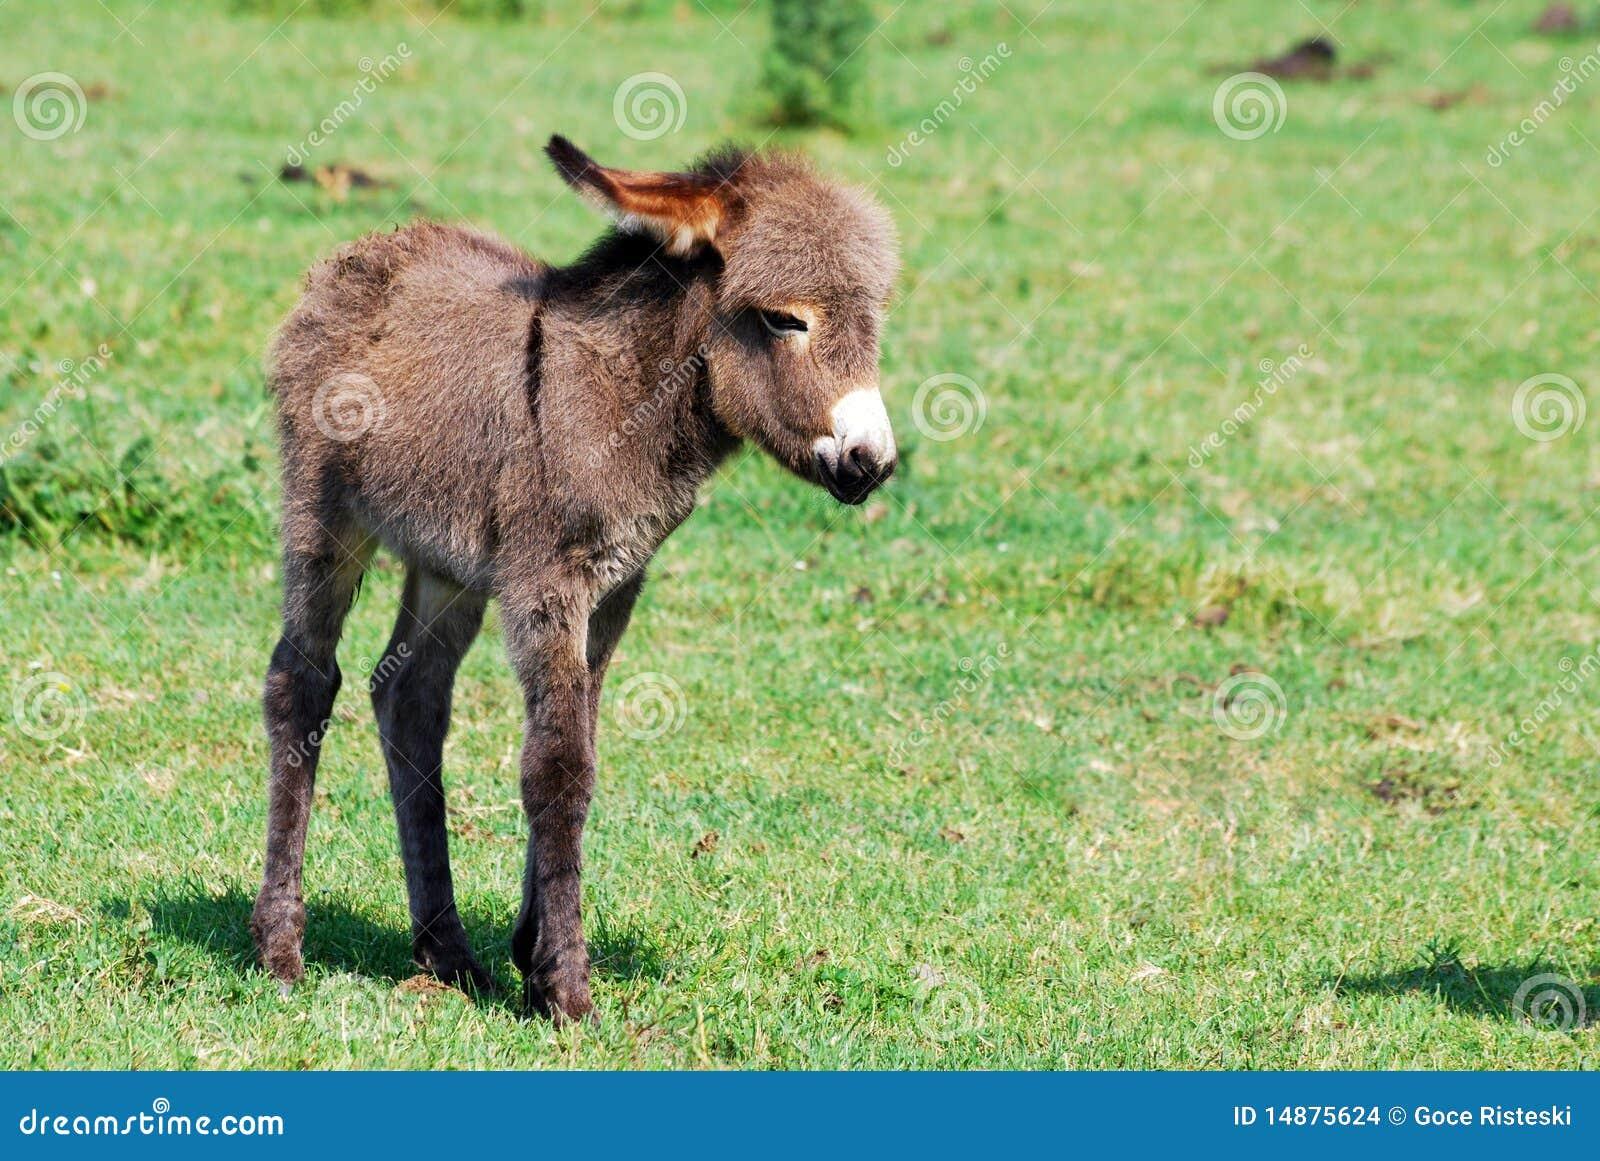 Kieferknochen auf einem Esel